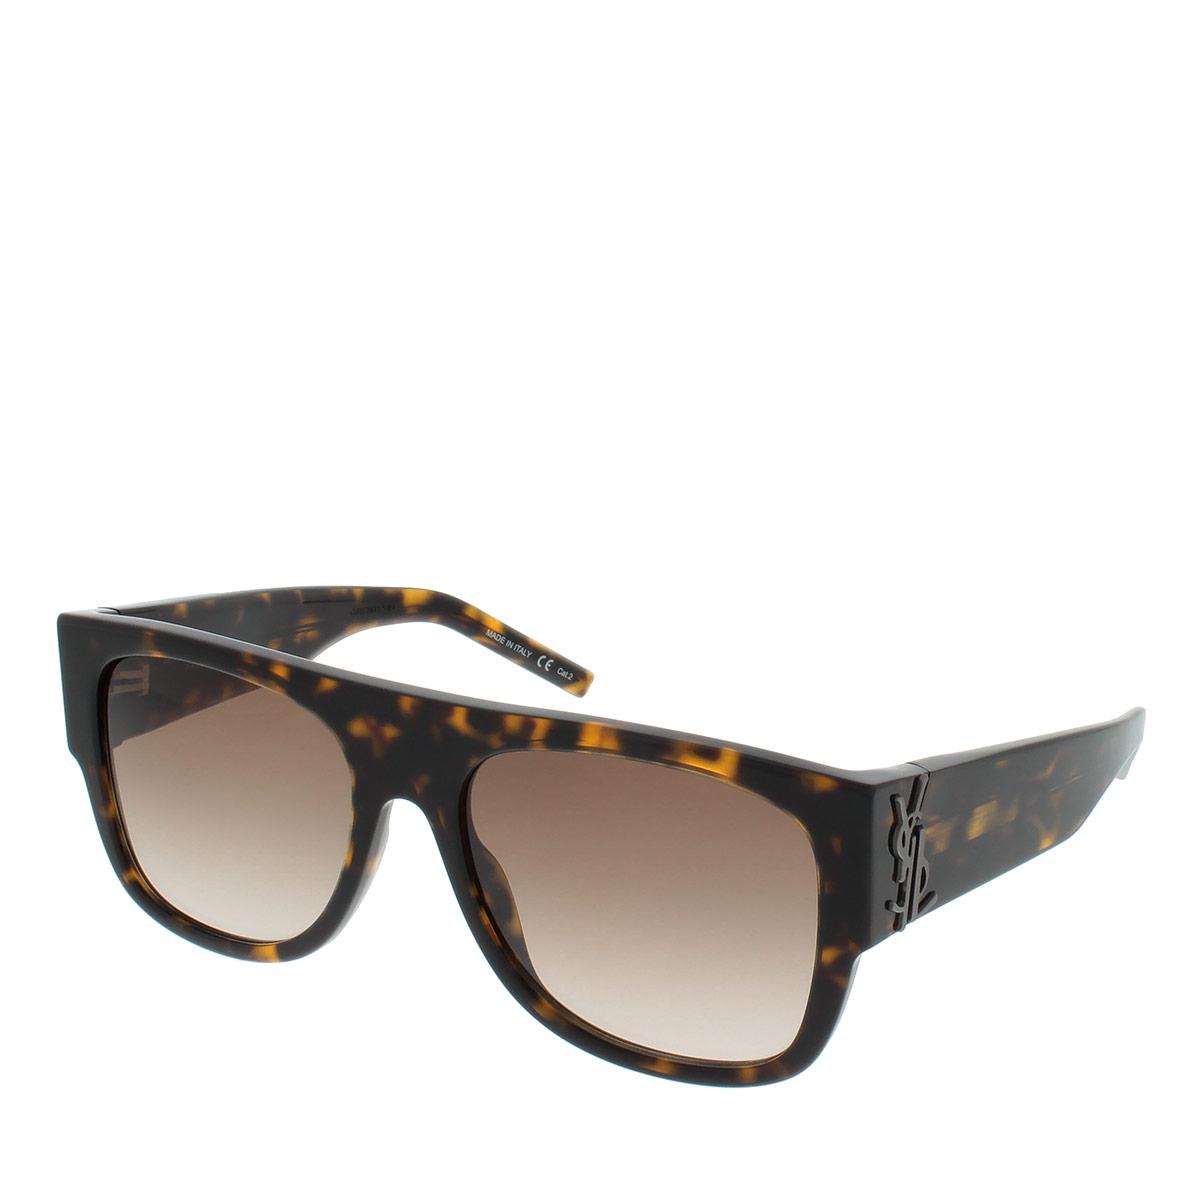 Saint Laurent Sonnenbrille - SL M16 55 002 - in braun - für Damen